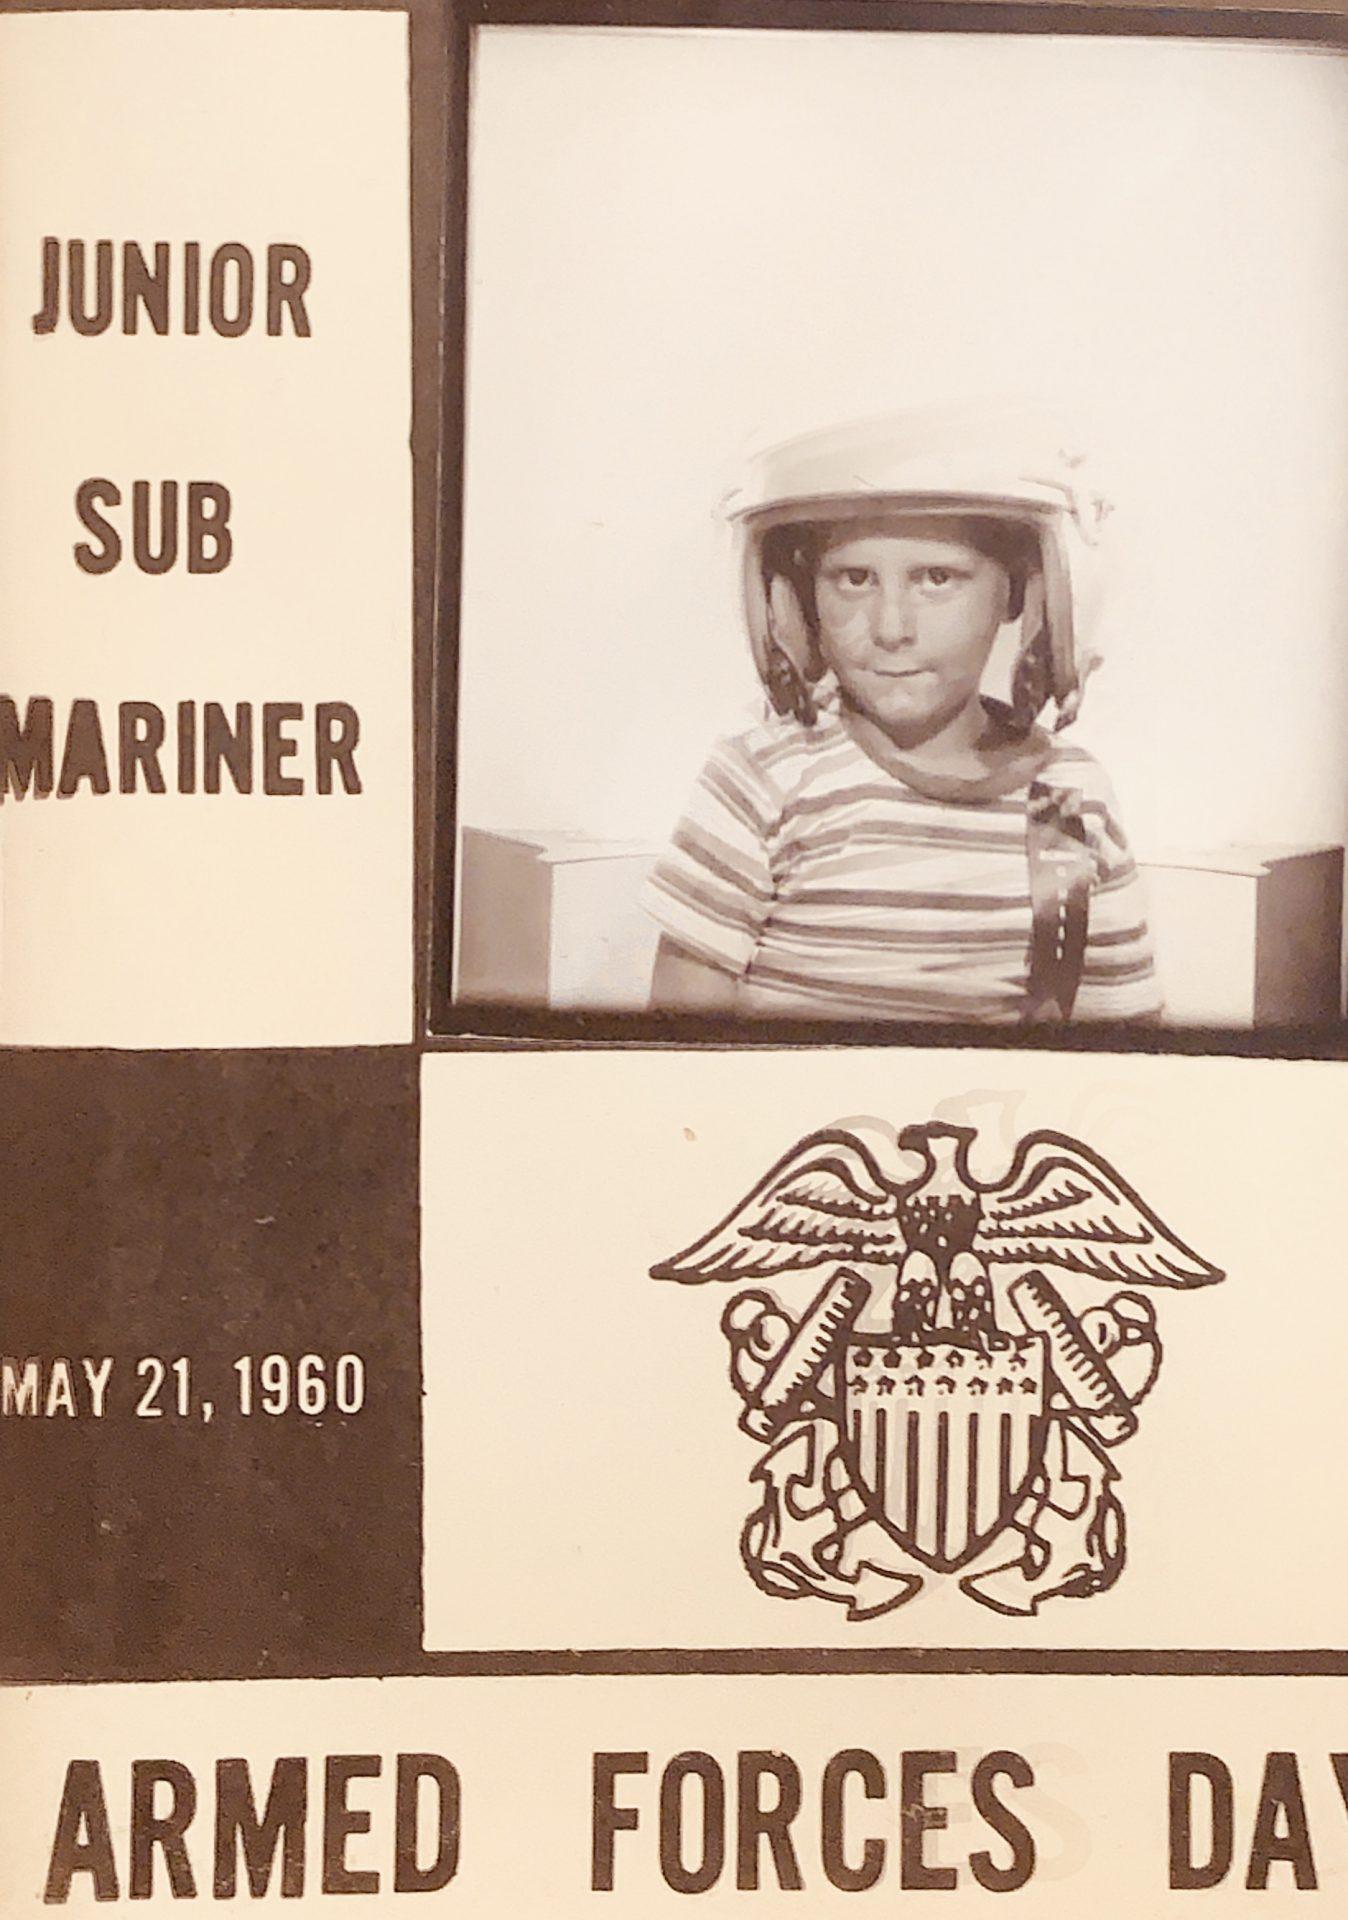 Junior Submariner Dave.